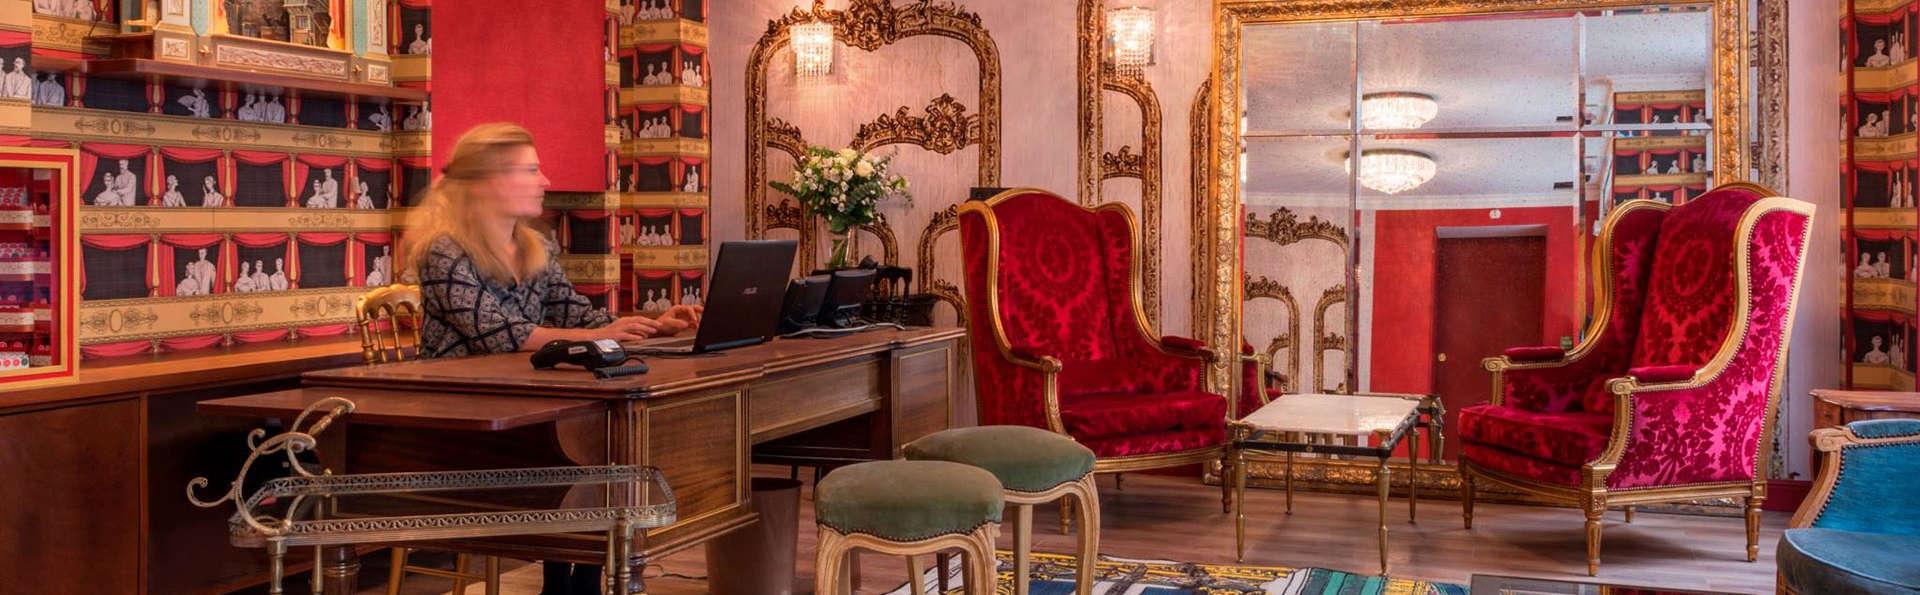 Hotel Sacha - EDIT_LOBBY.jpg